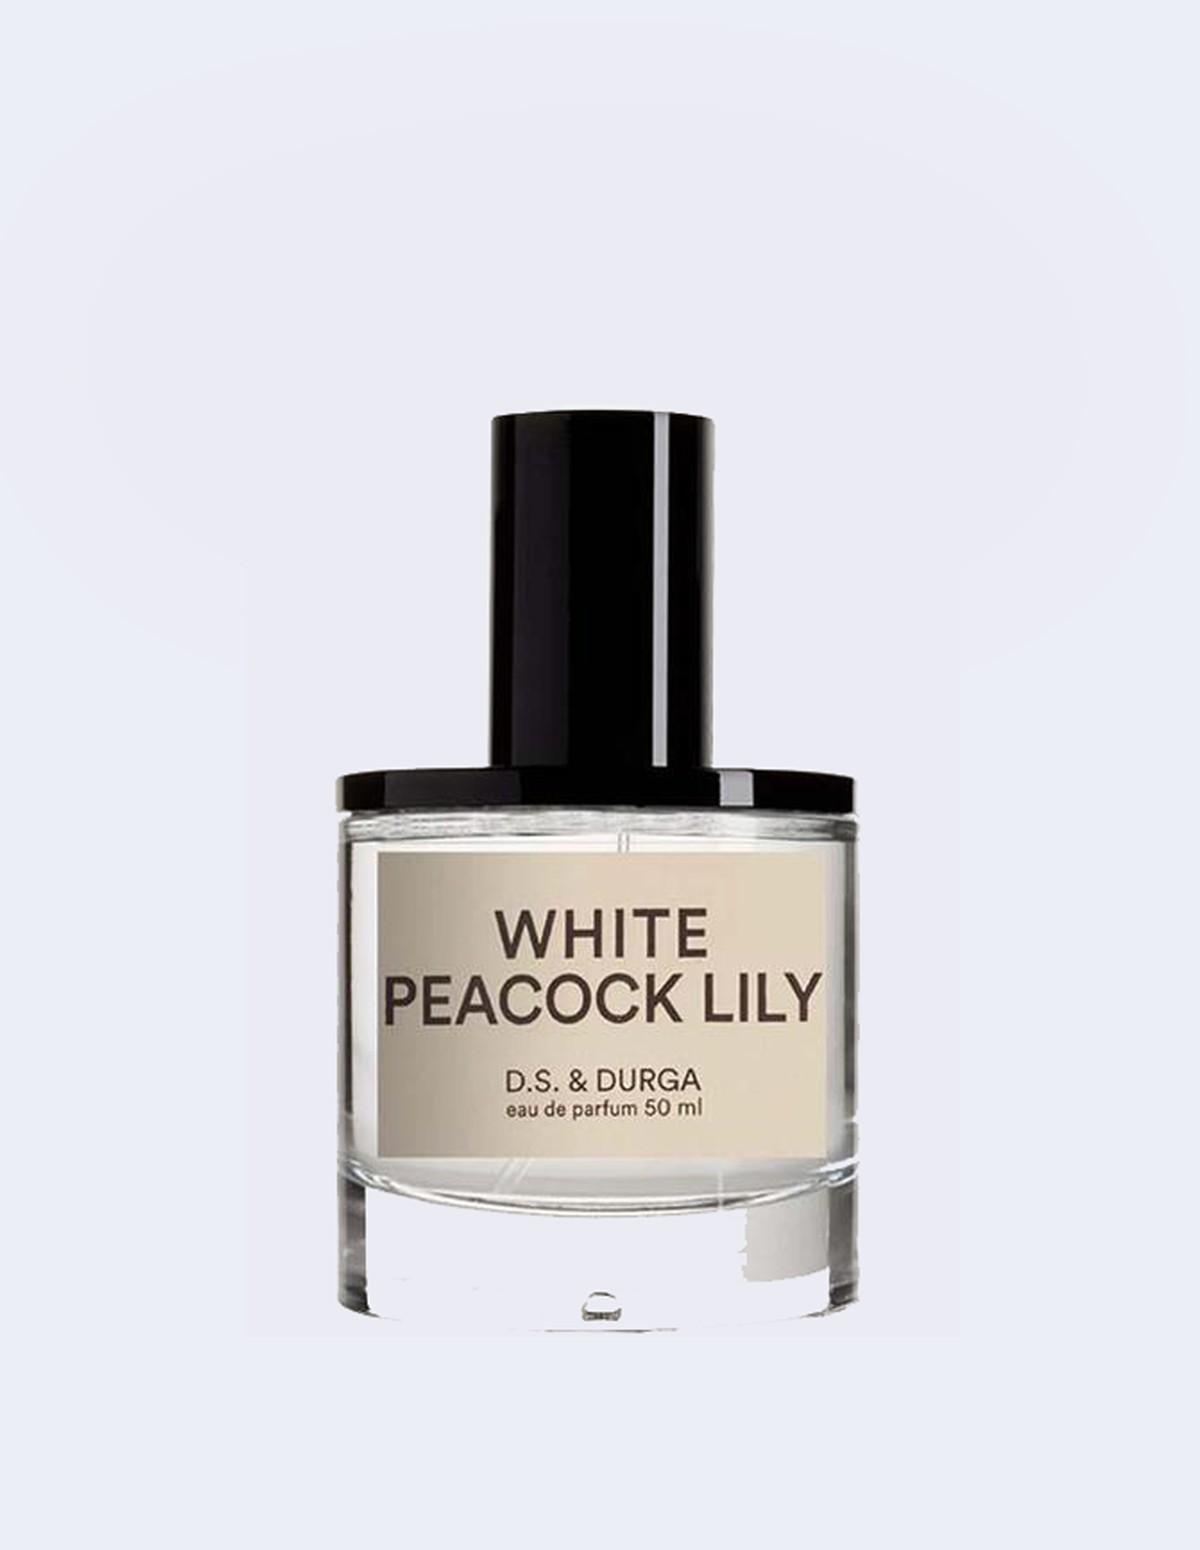 White Lily Peacock Edp 50ml